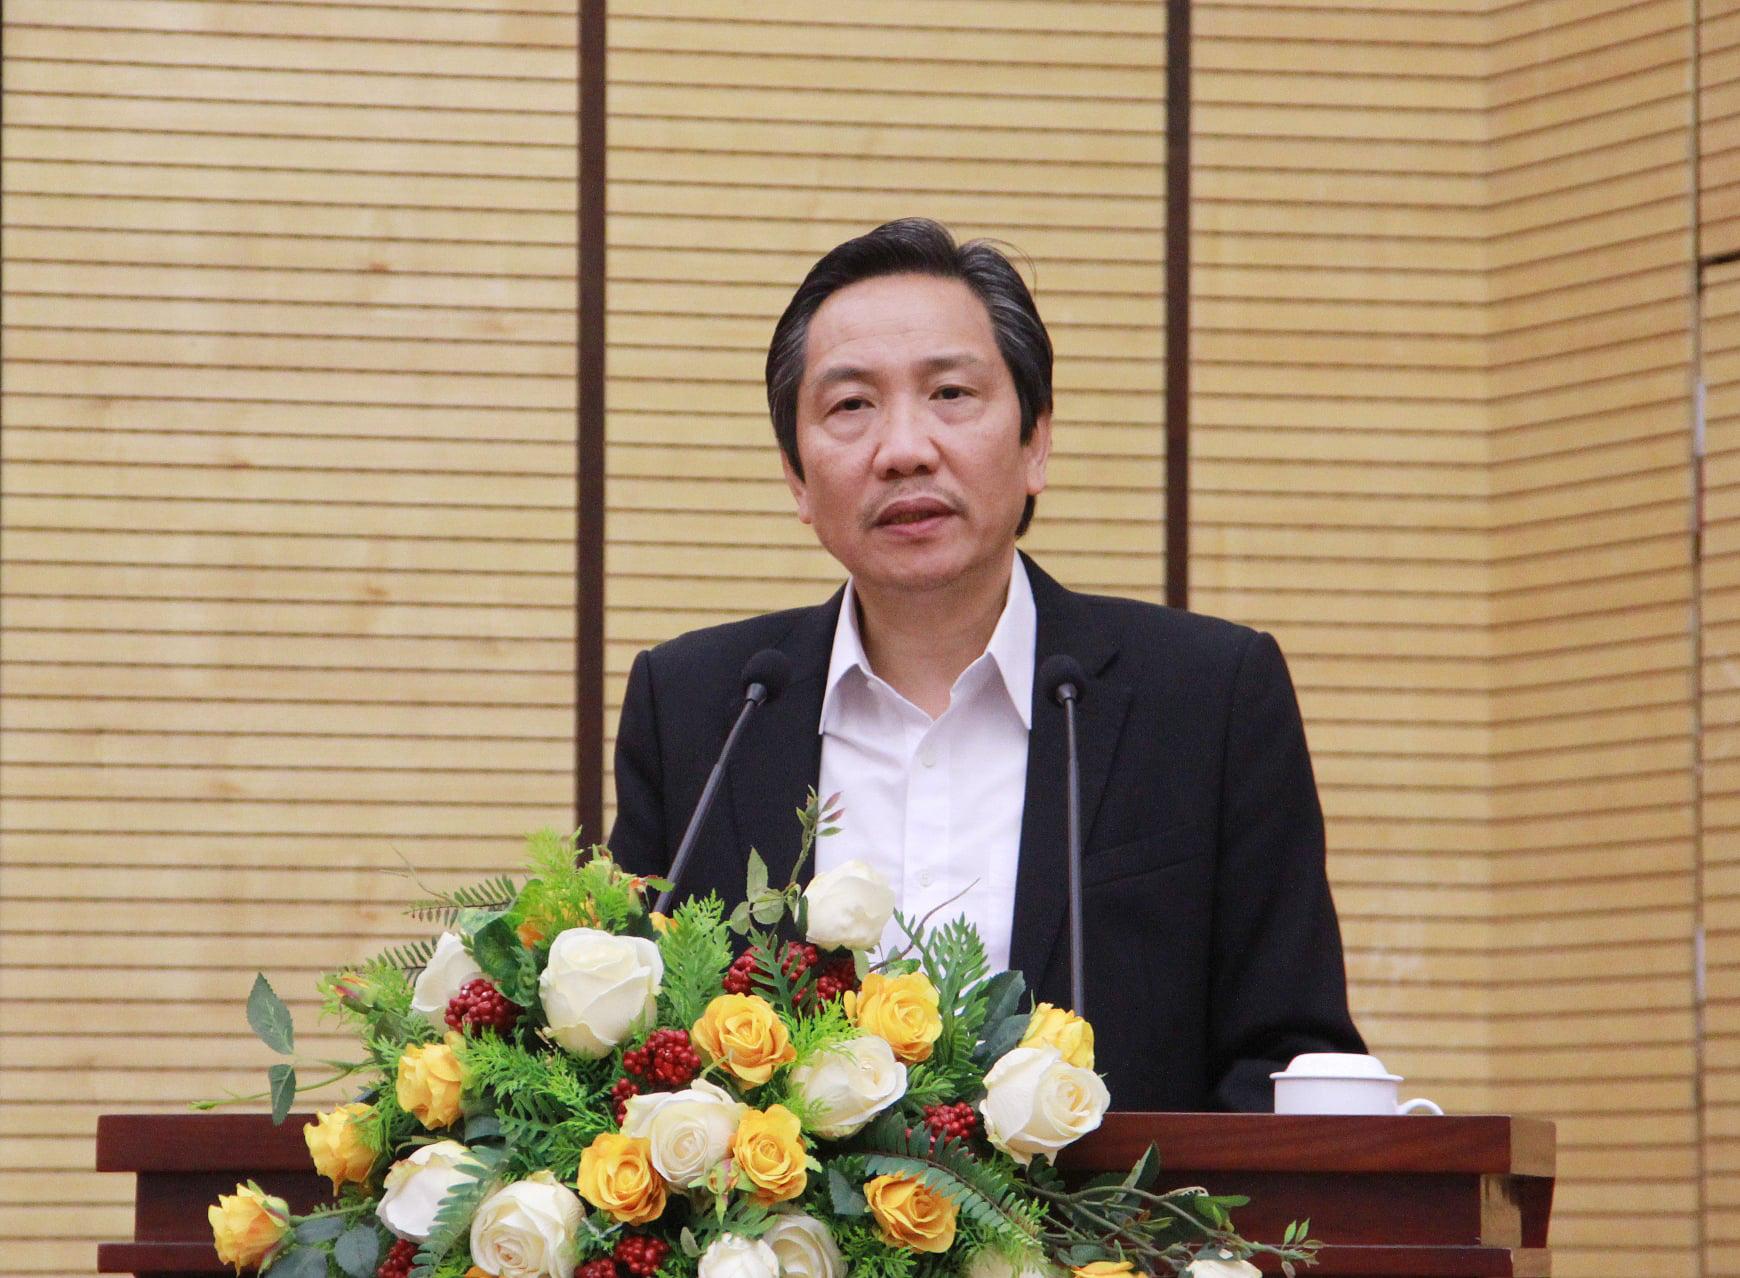 Thứ trưởng Bộ Nội vụ nói về việc Hà Nội tổ chức chính quyền đô thị khác với Đà Nẵng và TP.HCM - Ảnh 2.